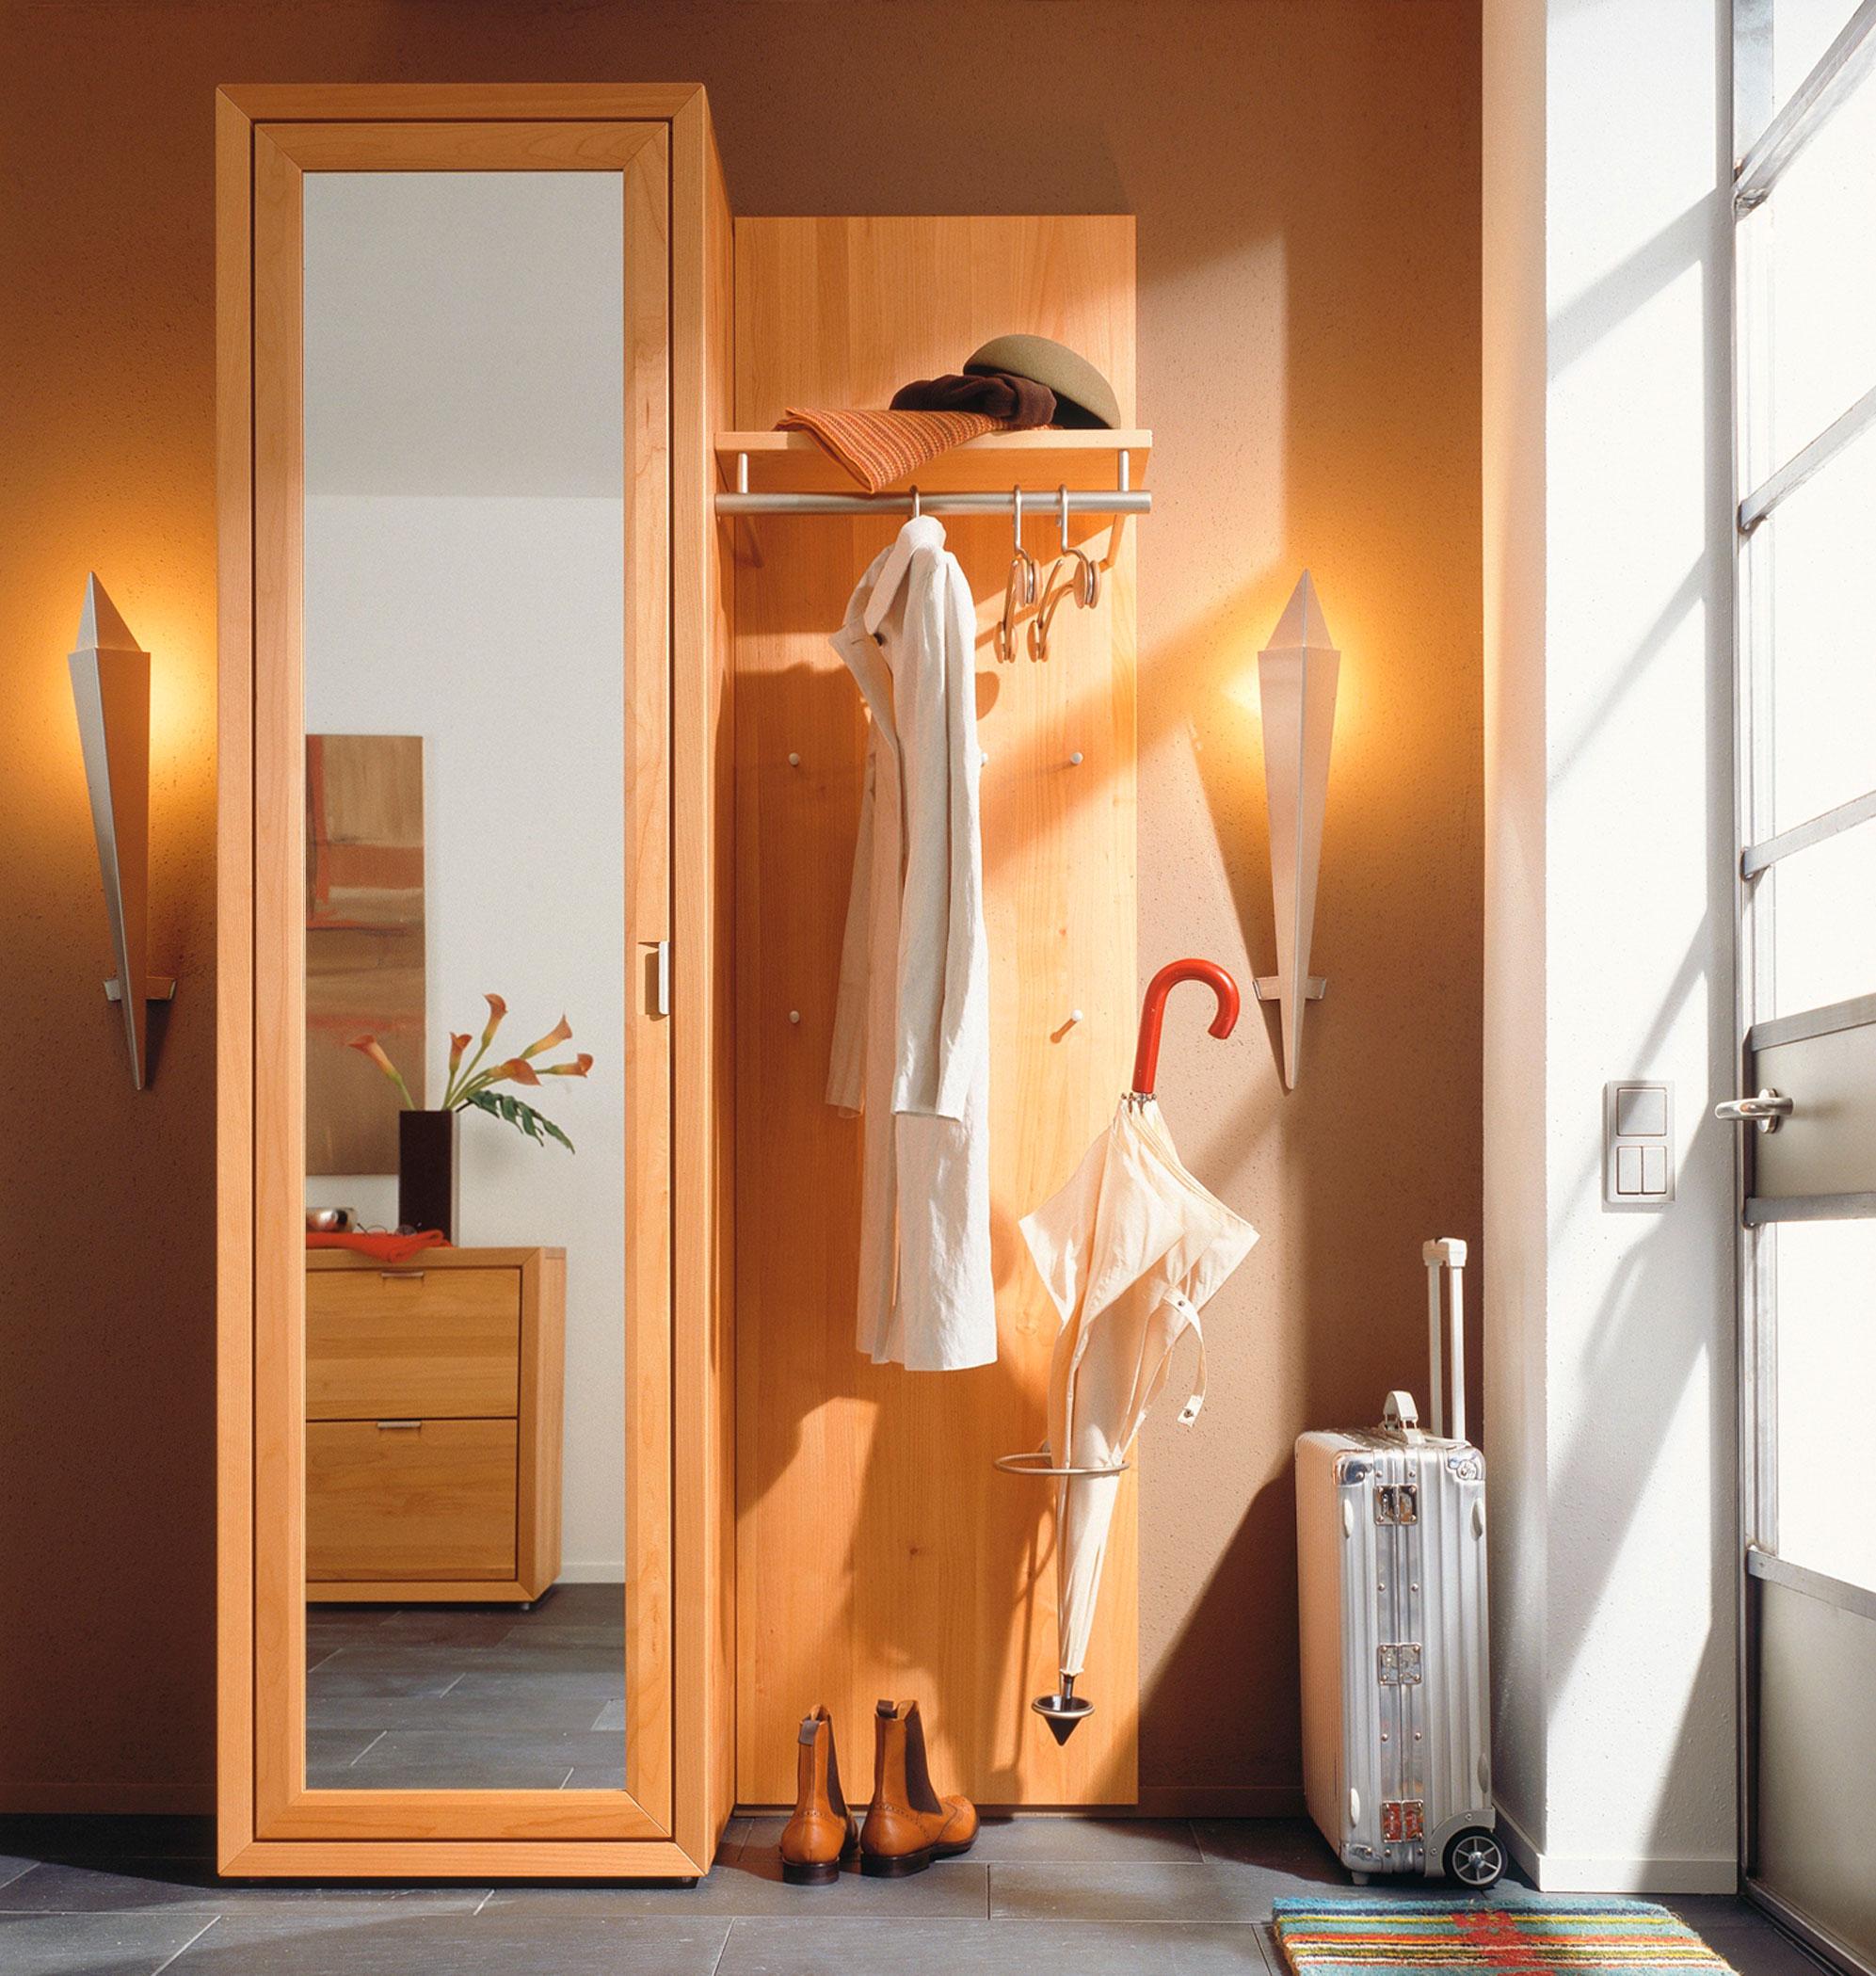 Зеркало в коридоре по фэншую